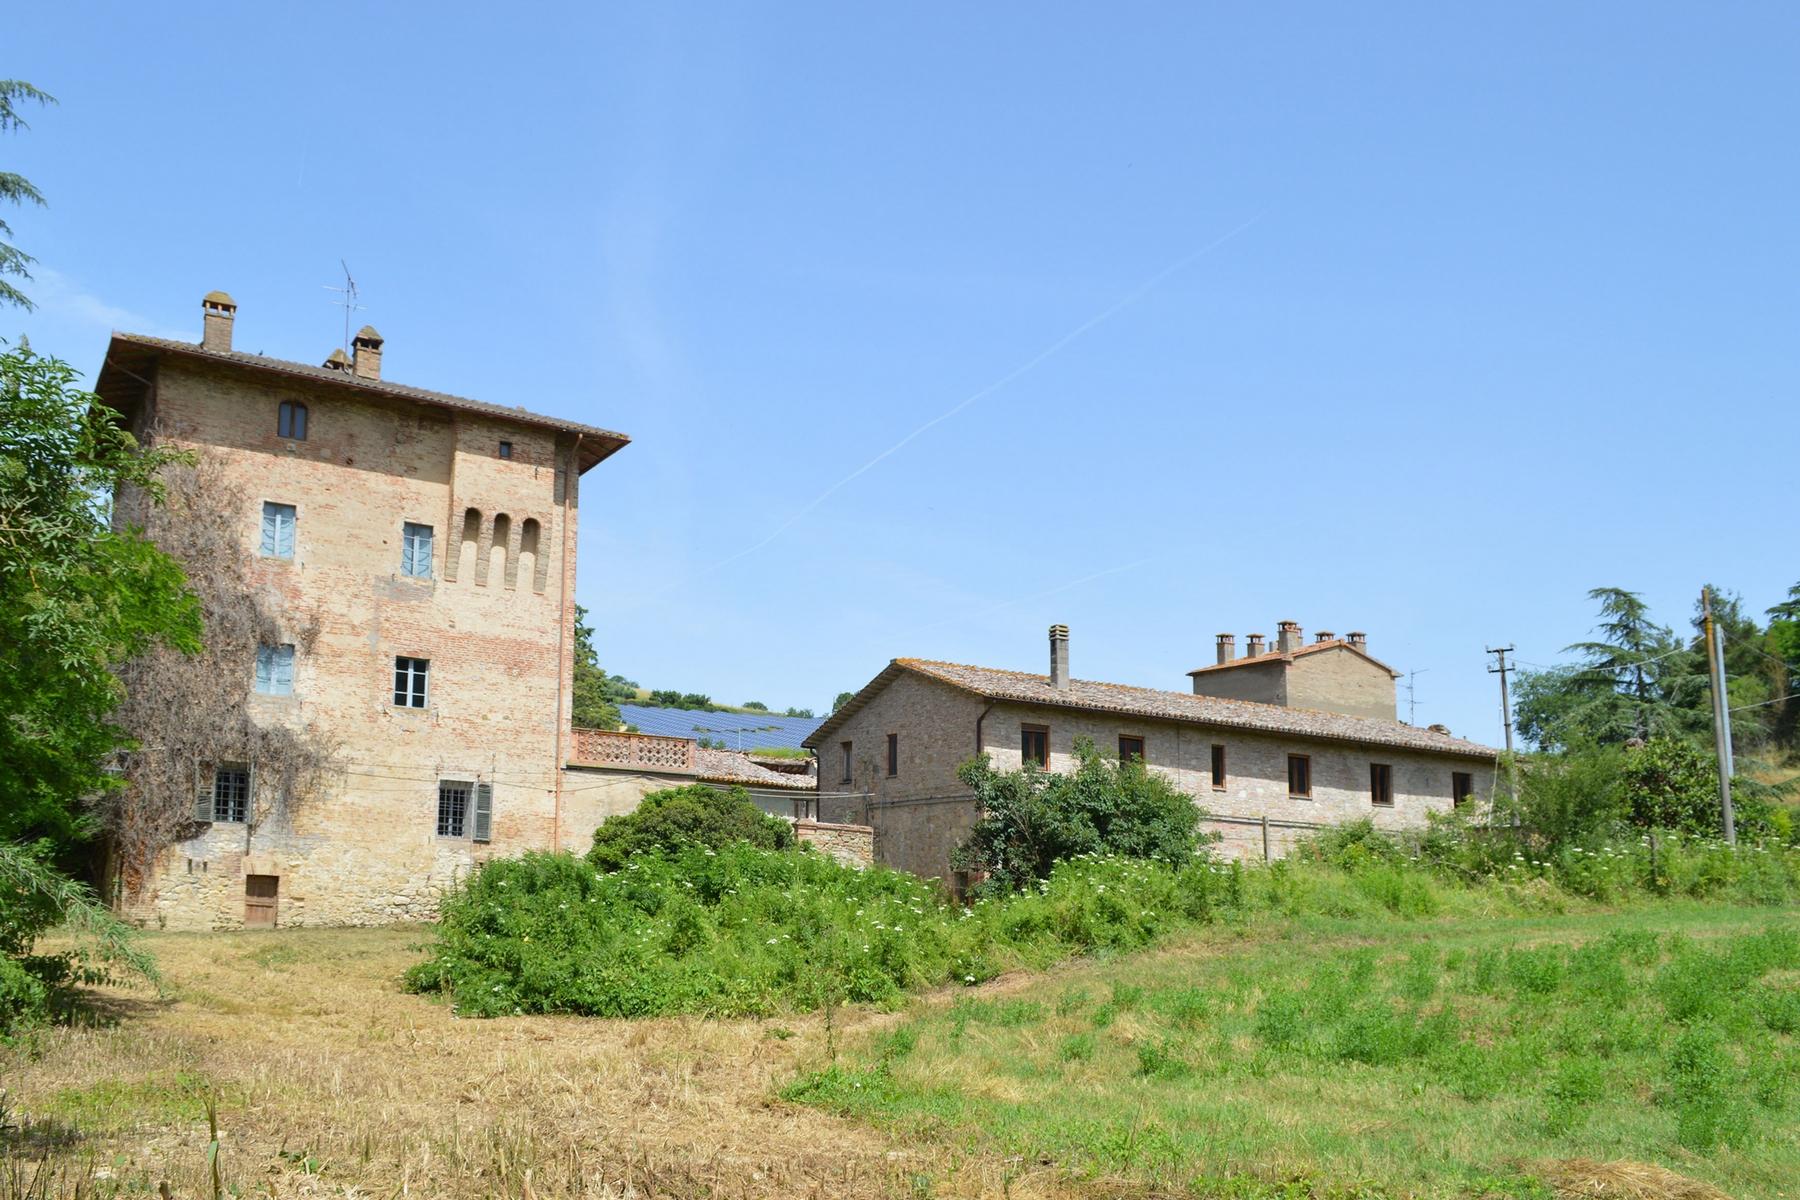 Rustico in Vendita a Marsciano: 5 locali, 1500 mq - Foto 2